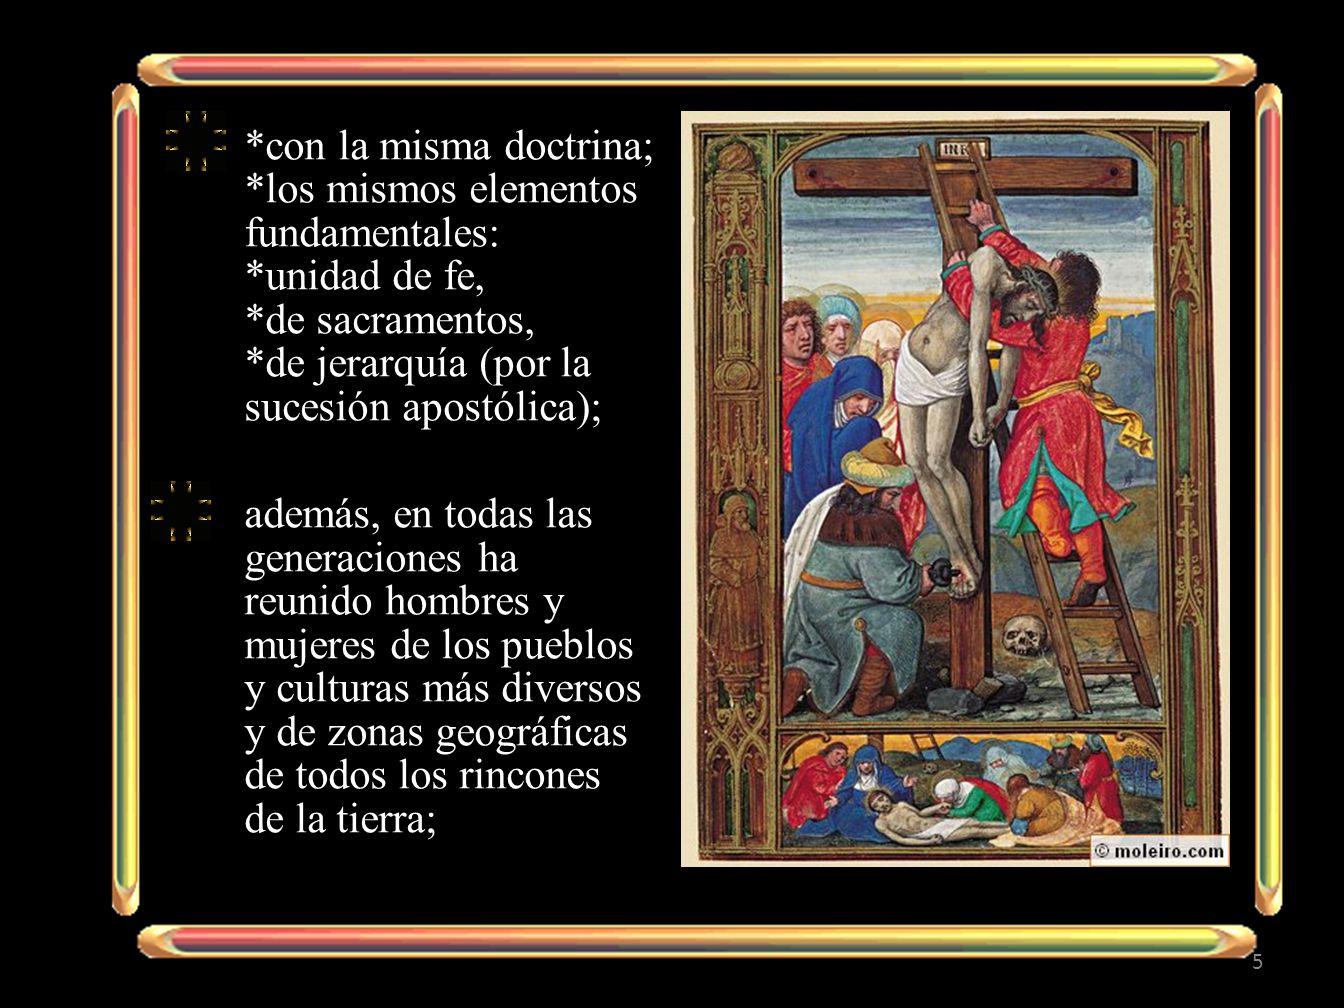 *con la misma doctrina; *los mismos elementos fundamentales: *unidad de fe, *de sacramentos, *de jerarquía (por la sucesión apostólica); además, en to